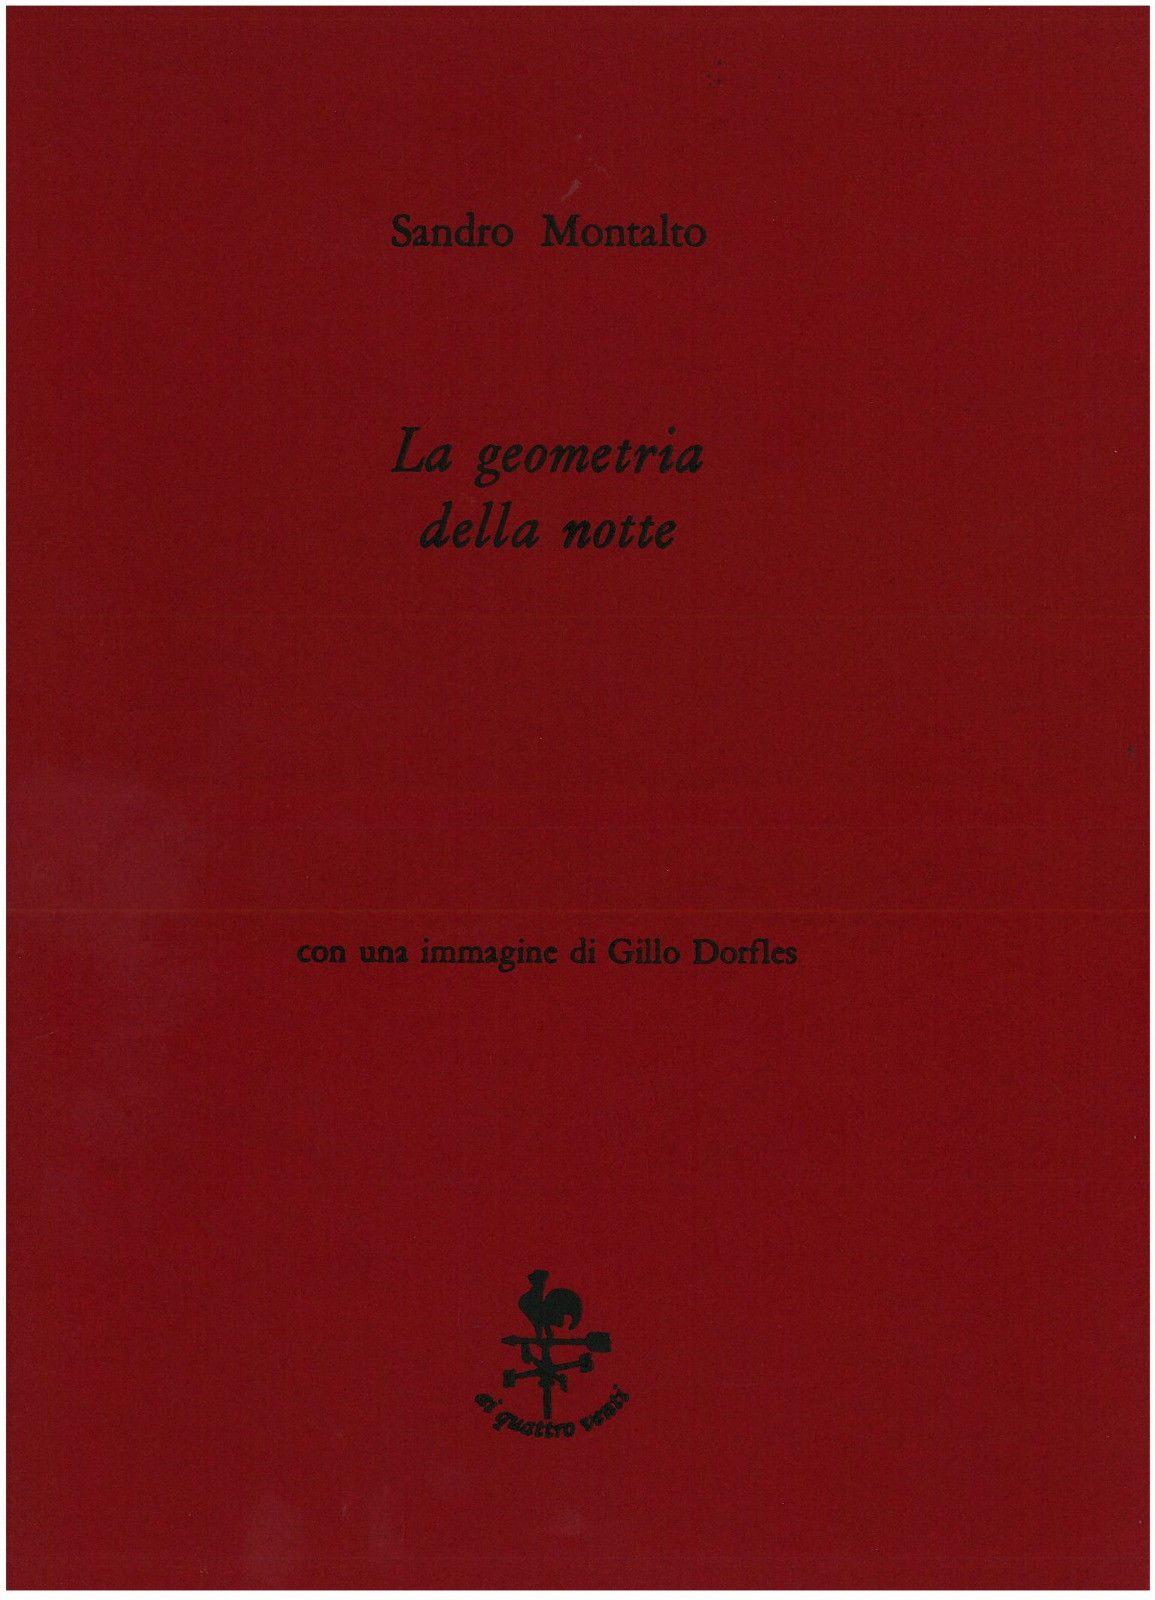 """…su eBay c'è """"La geometria della notte"""" di Sandro Montalto e Gillo Dorfles"""